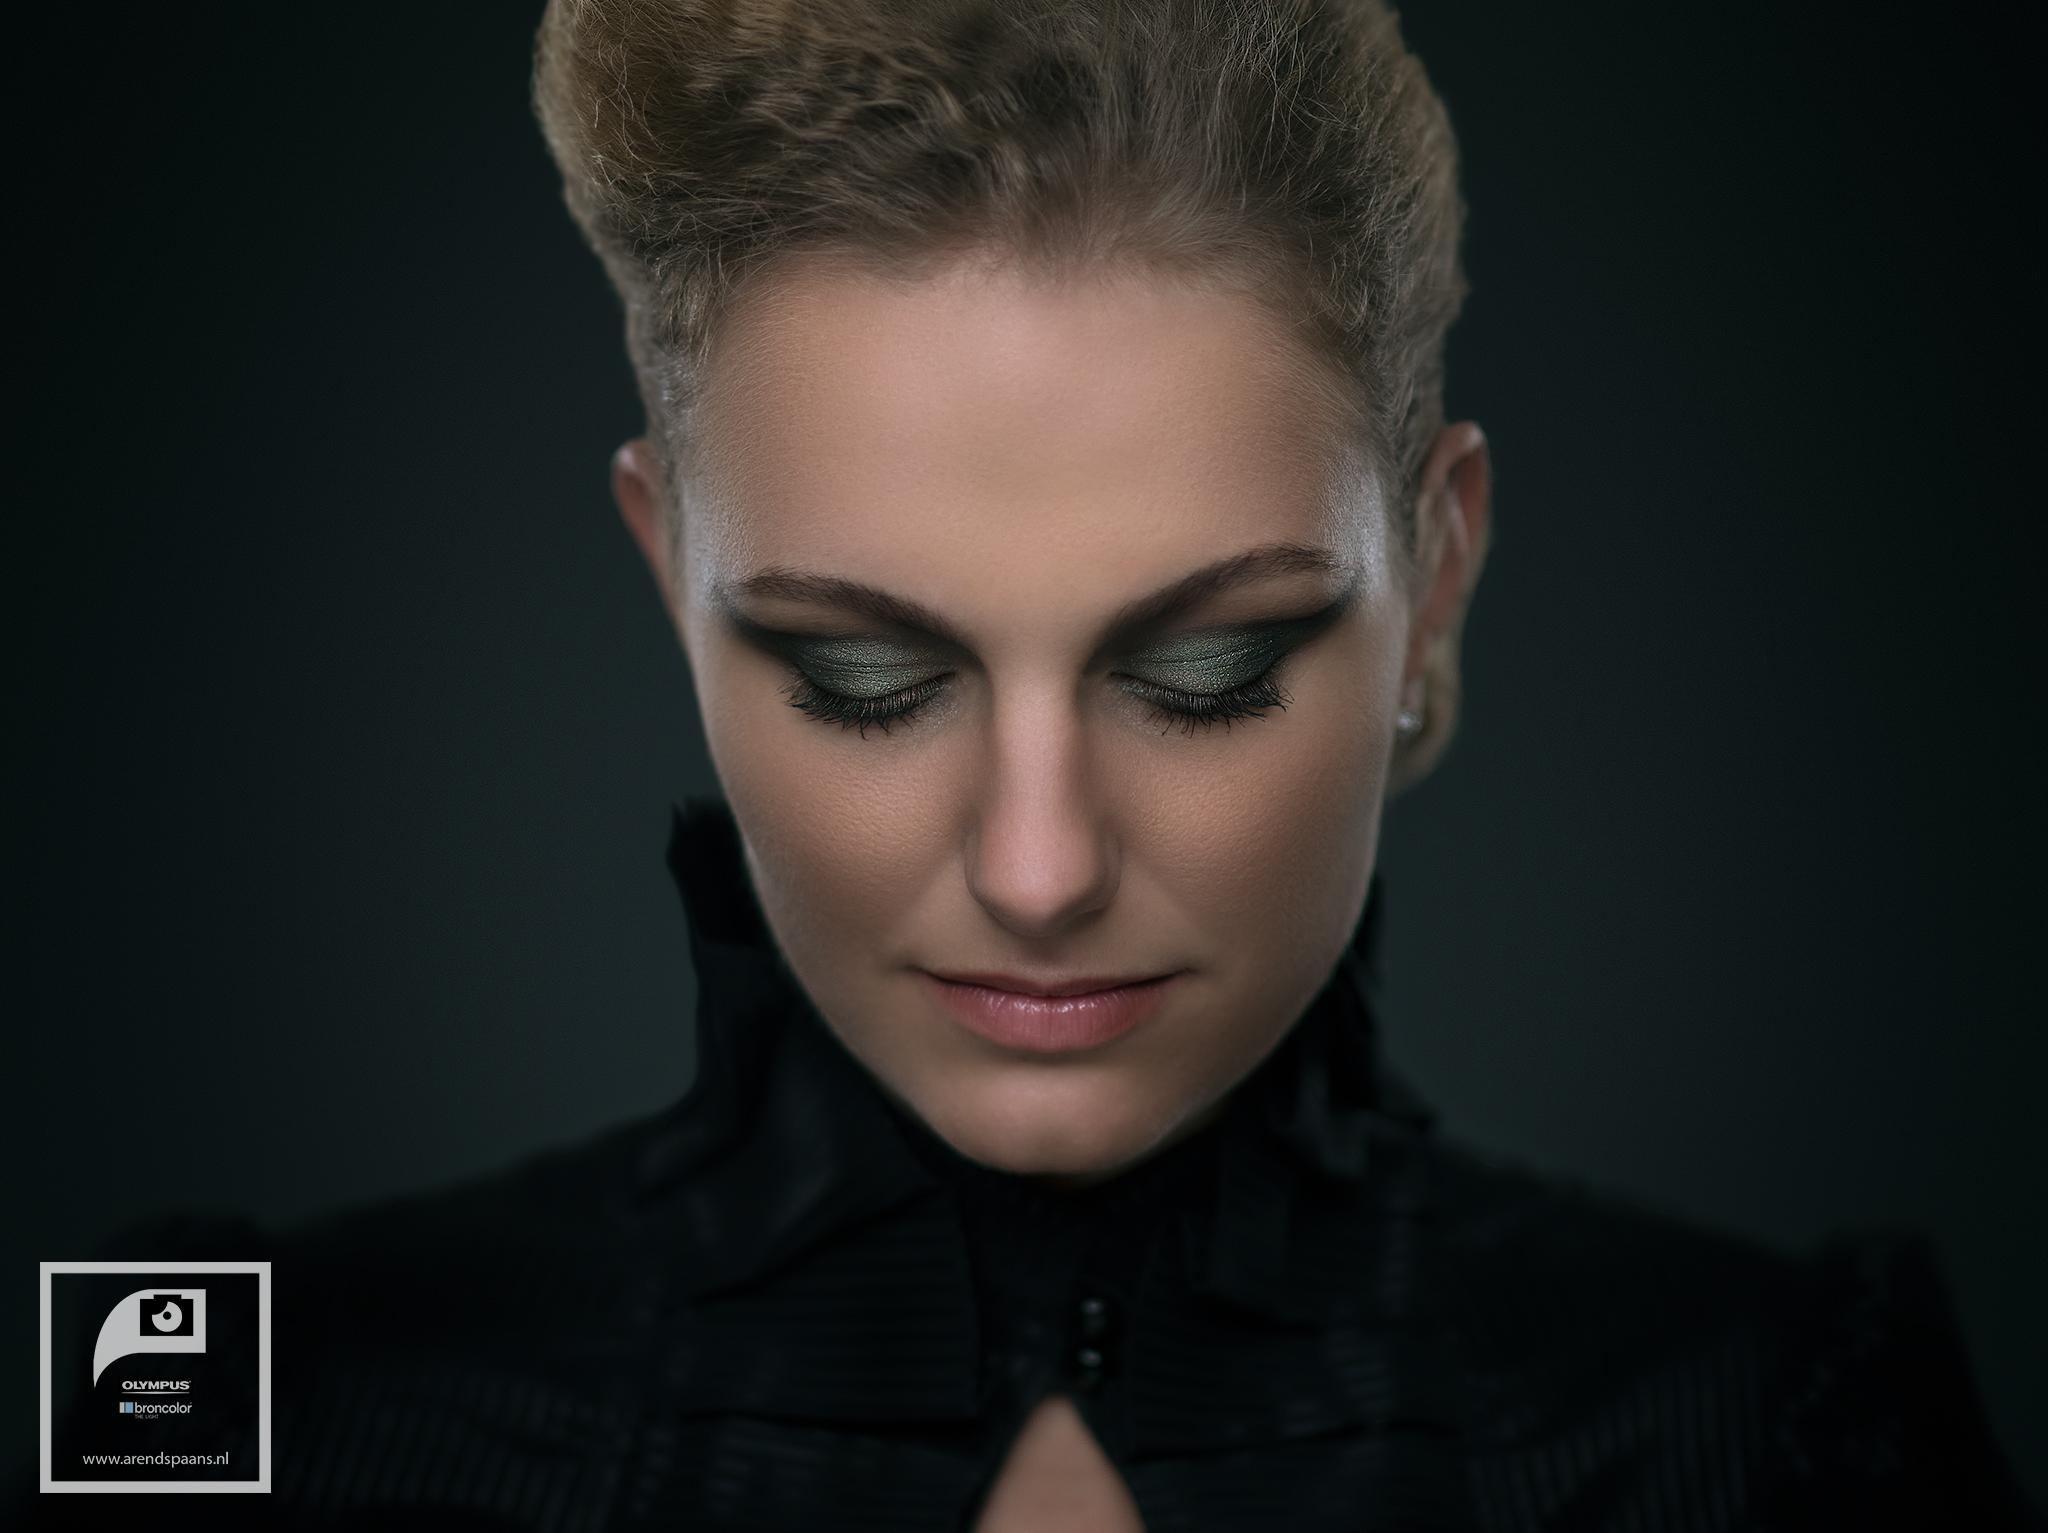 Model: Angela van den Broek Visagie en haar: Anne Loos